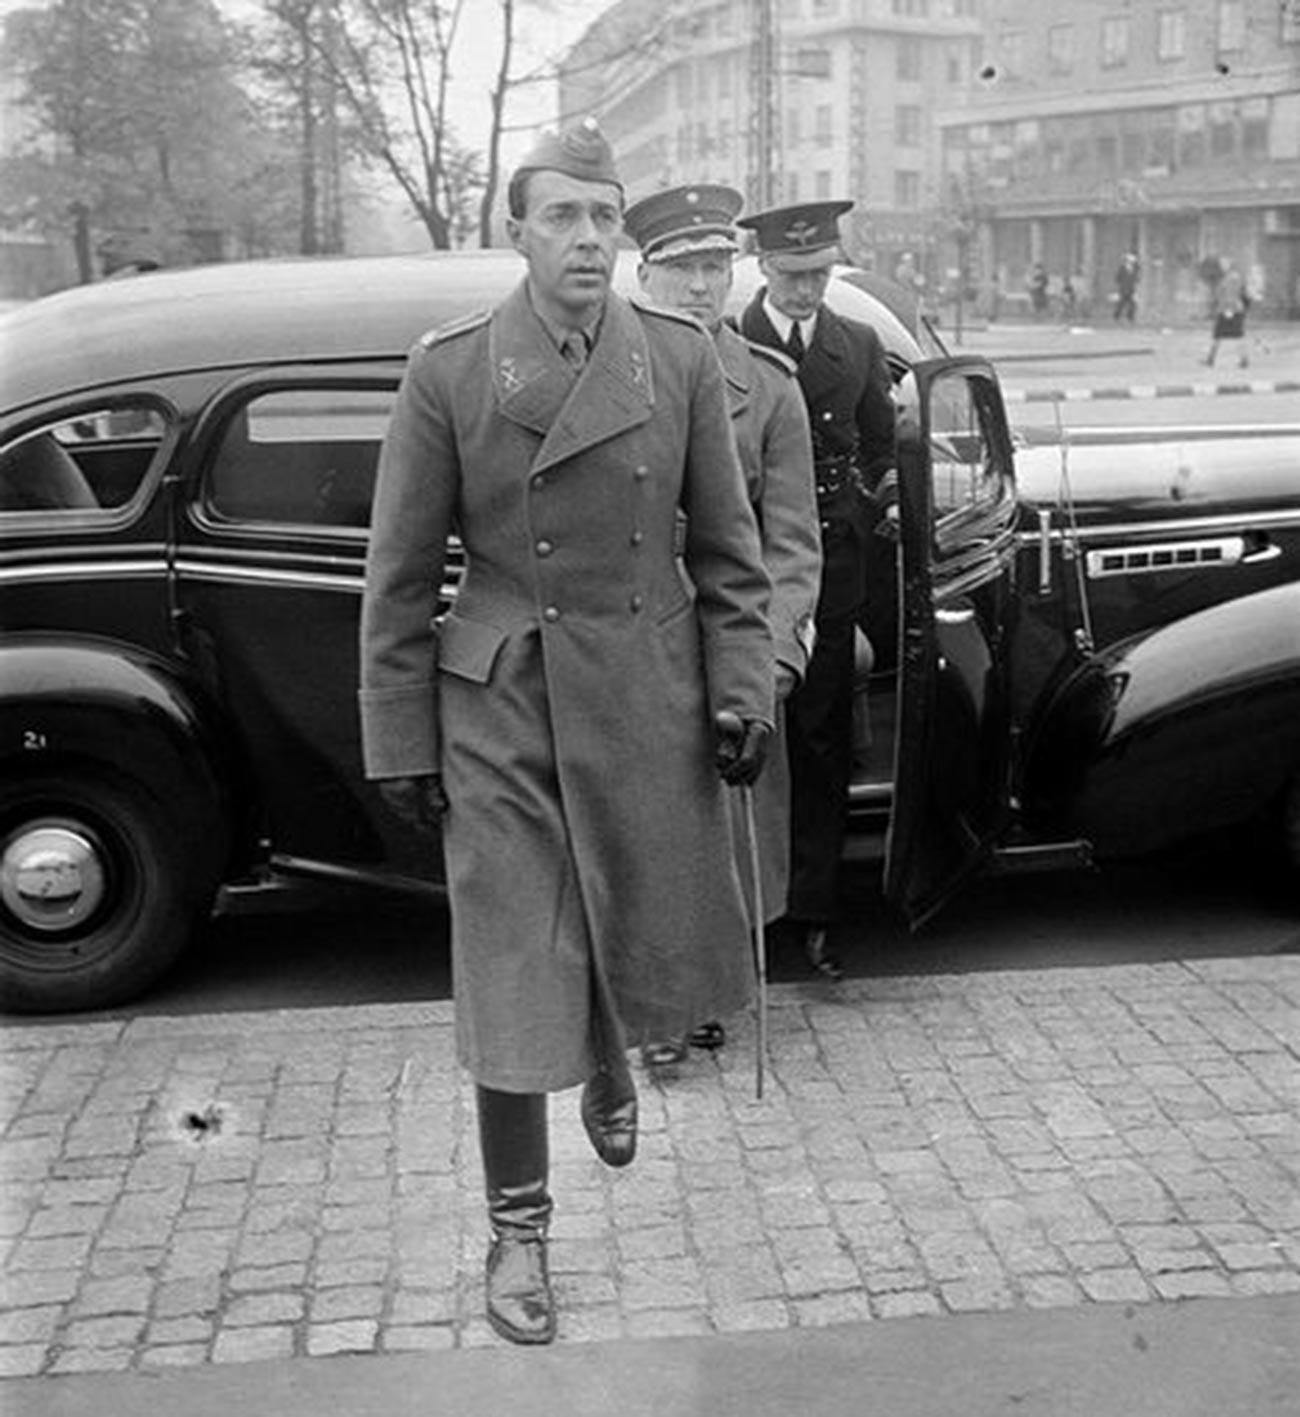 Prijestolonasljednik Švedske Gustav Adolf posjetio je izložbu vojnih trofeja u izložbenom salonu tijekom posjeta Finskoj 8. listopada 1941.